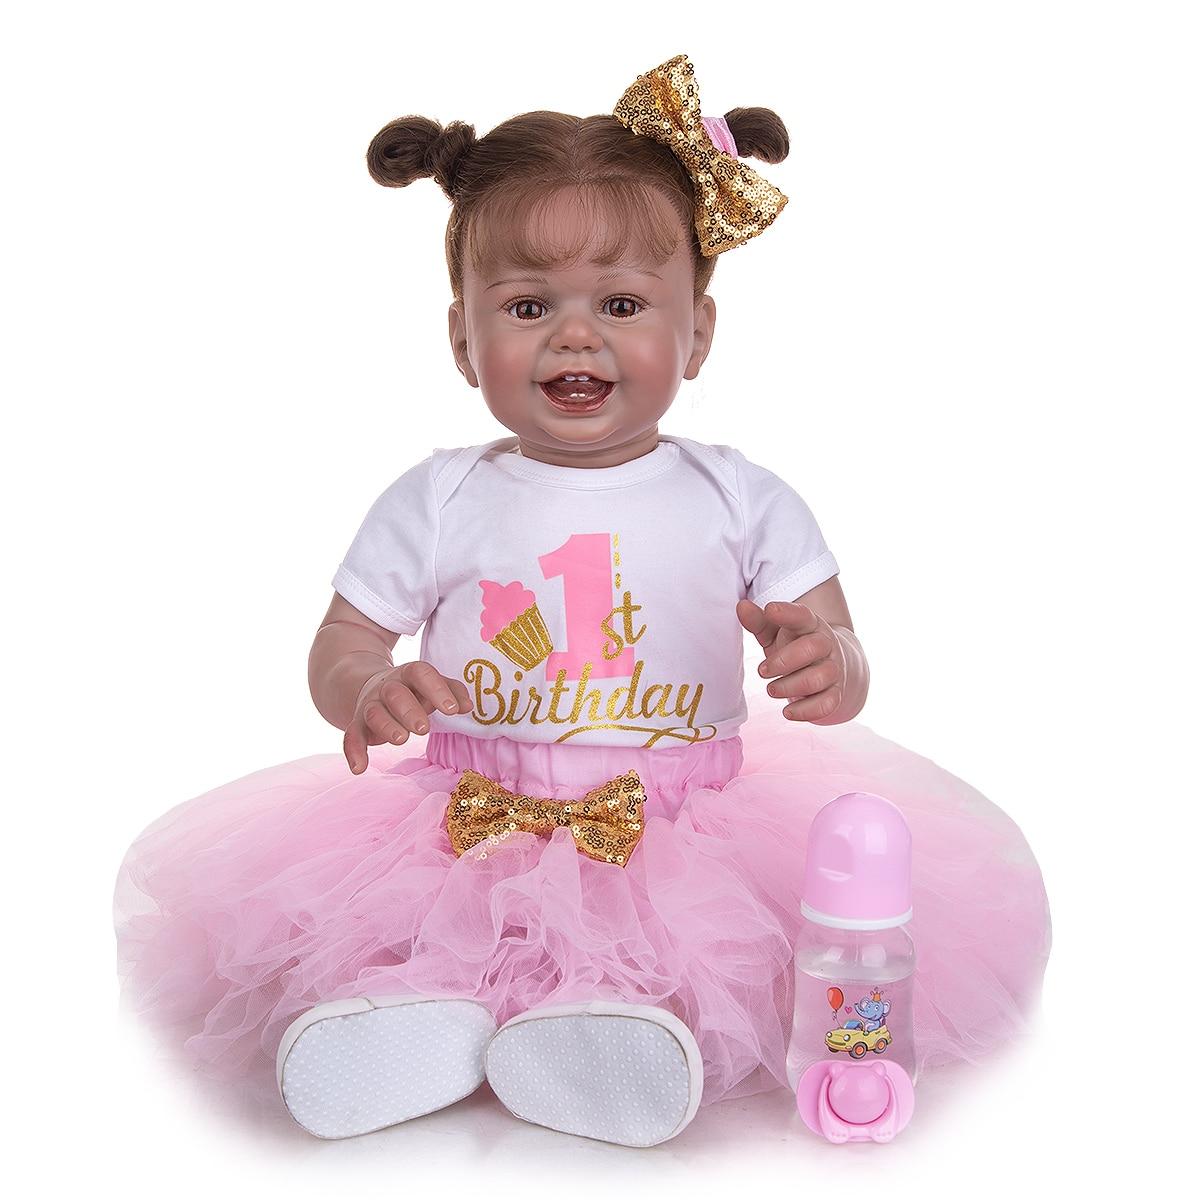 27 zoll Smulation Baby Reborn Puppen Schönen Weichen Tuch Körper Babys Puppe Spielzeug Für Kinder Geburtstag